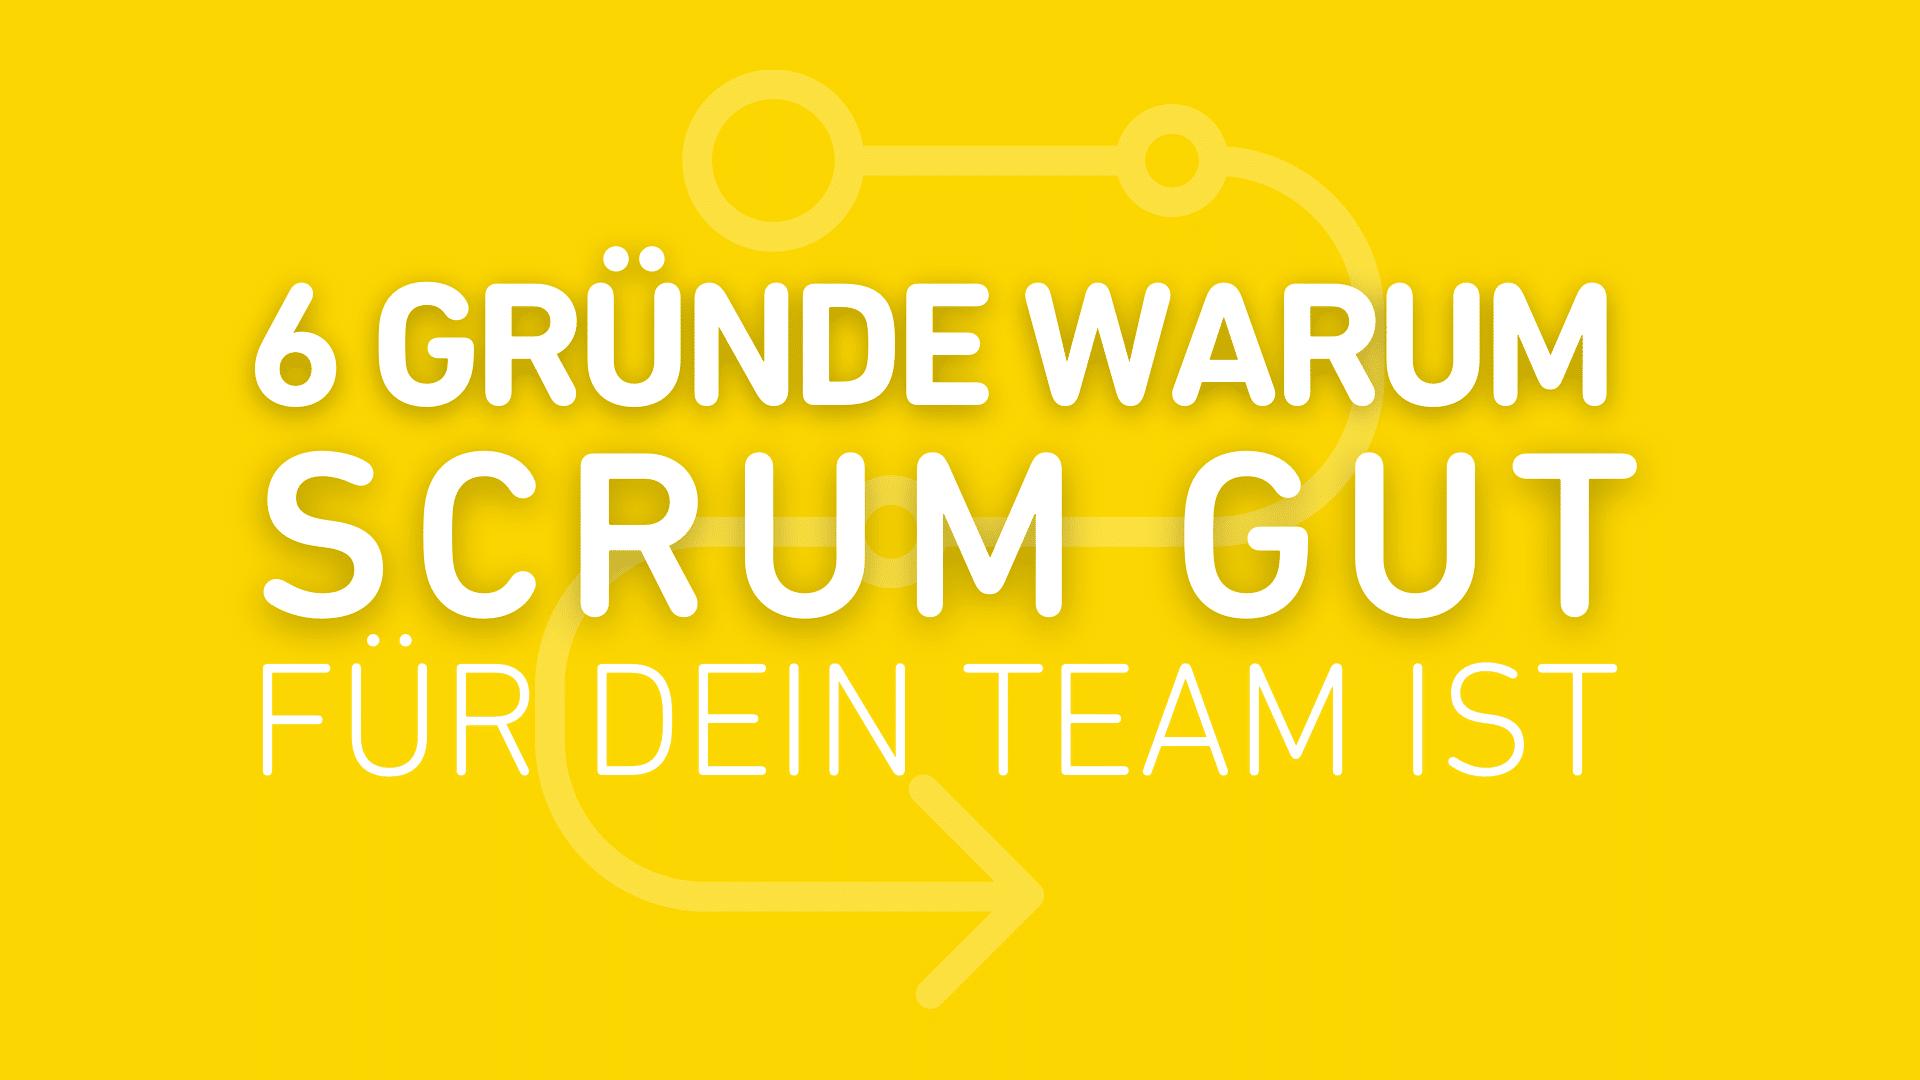 scrum-gut